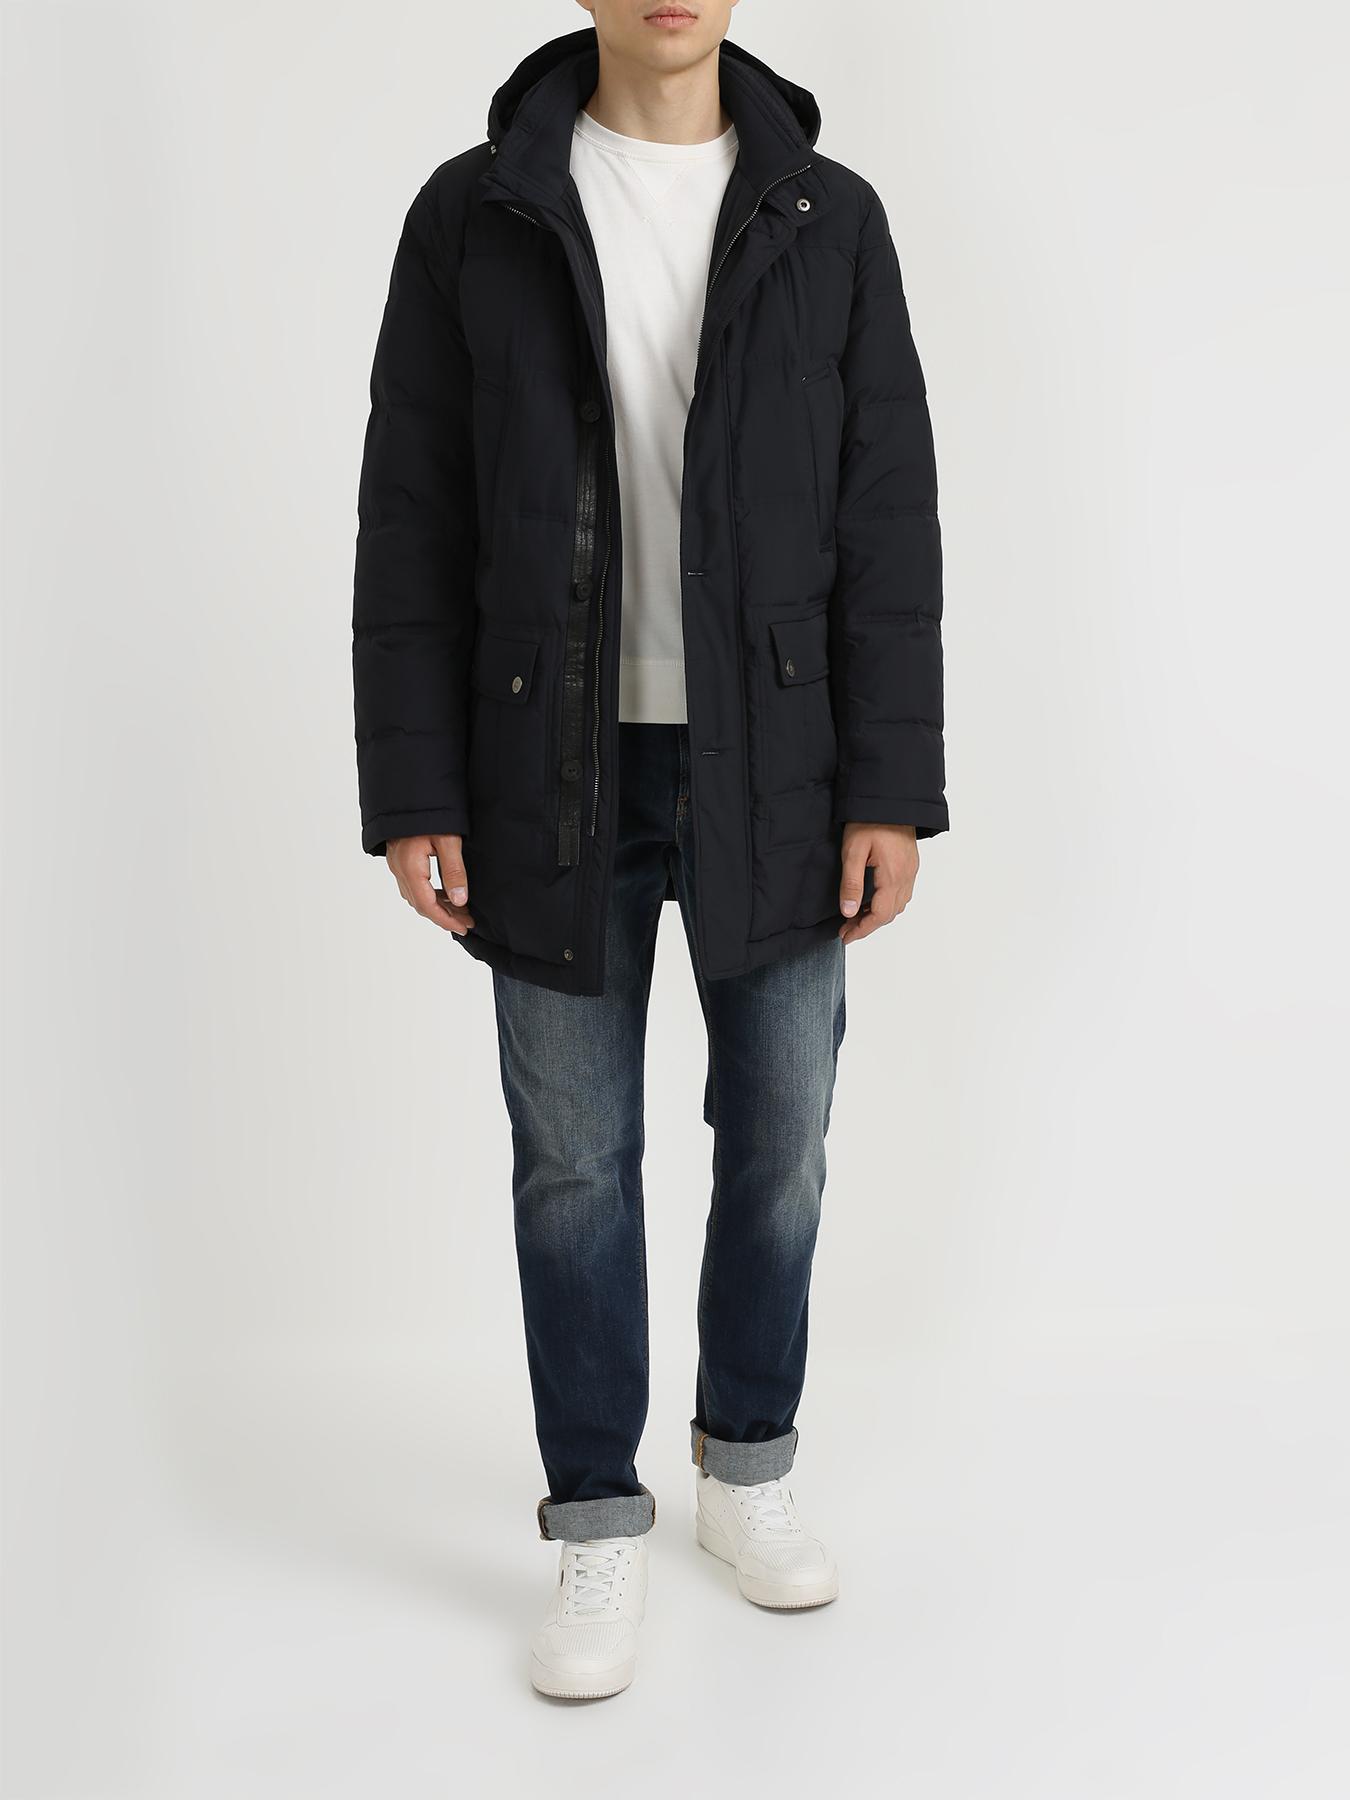 Куртка Ritter Мужская удлиненная куртка